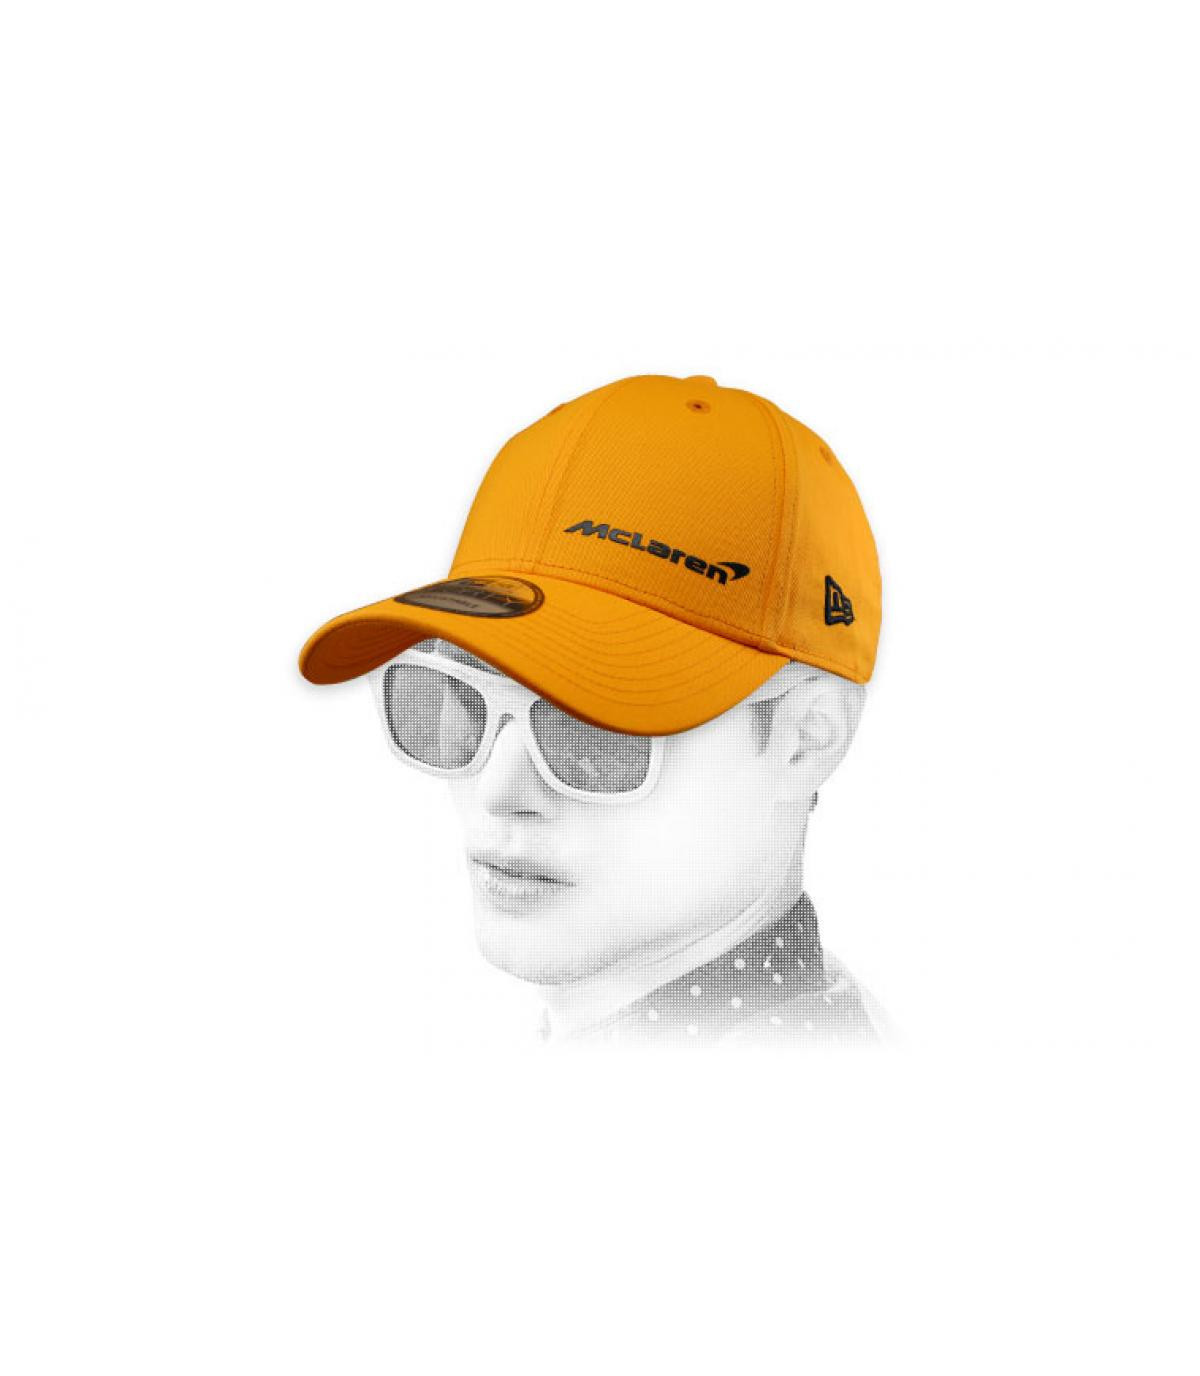 yellow McLaren cap